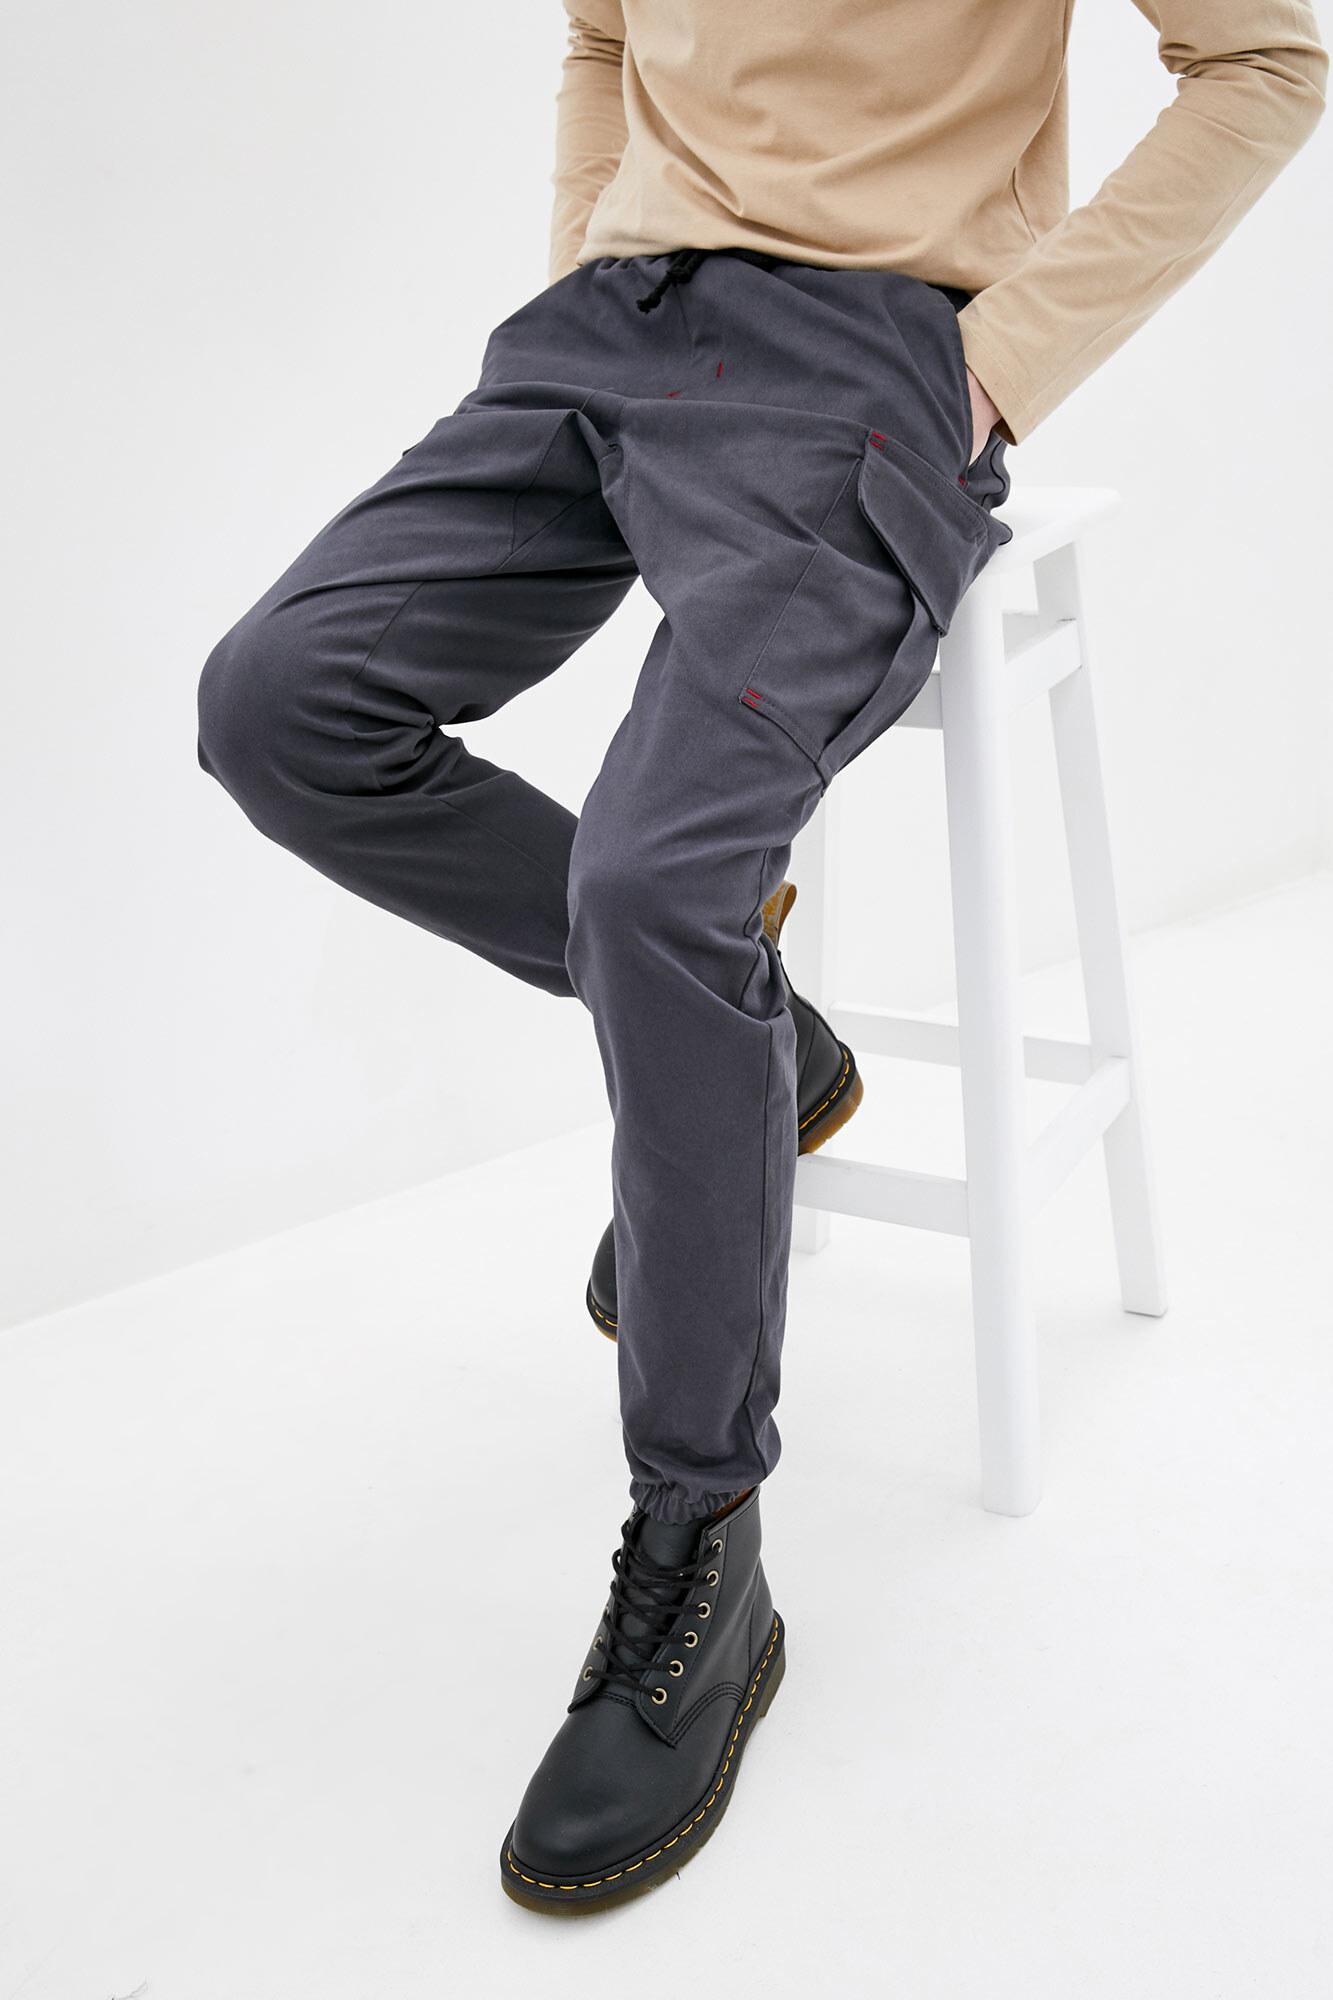 Серые джинсовые штаны карго на манжетах